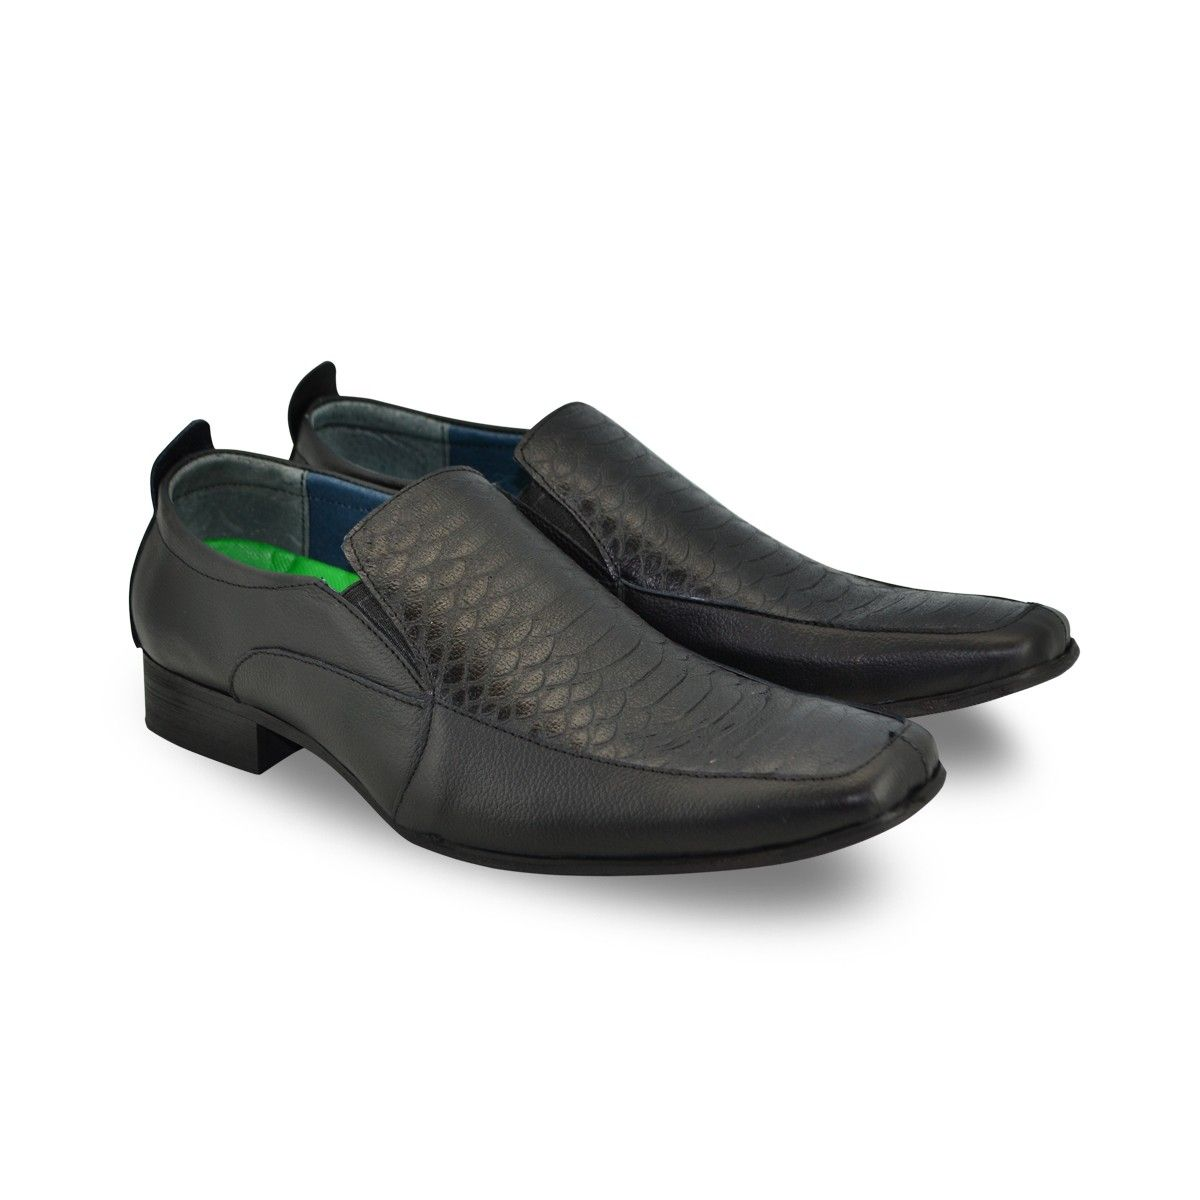 Zapatos negros Rusty yF2FMZSj4